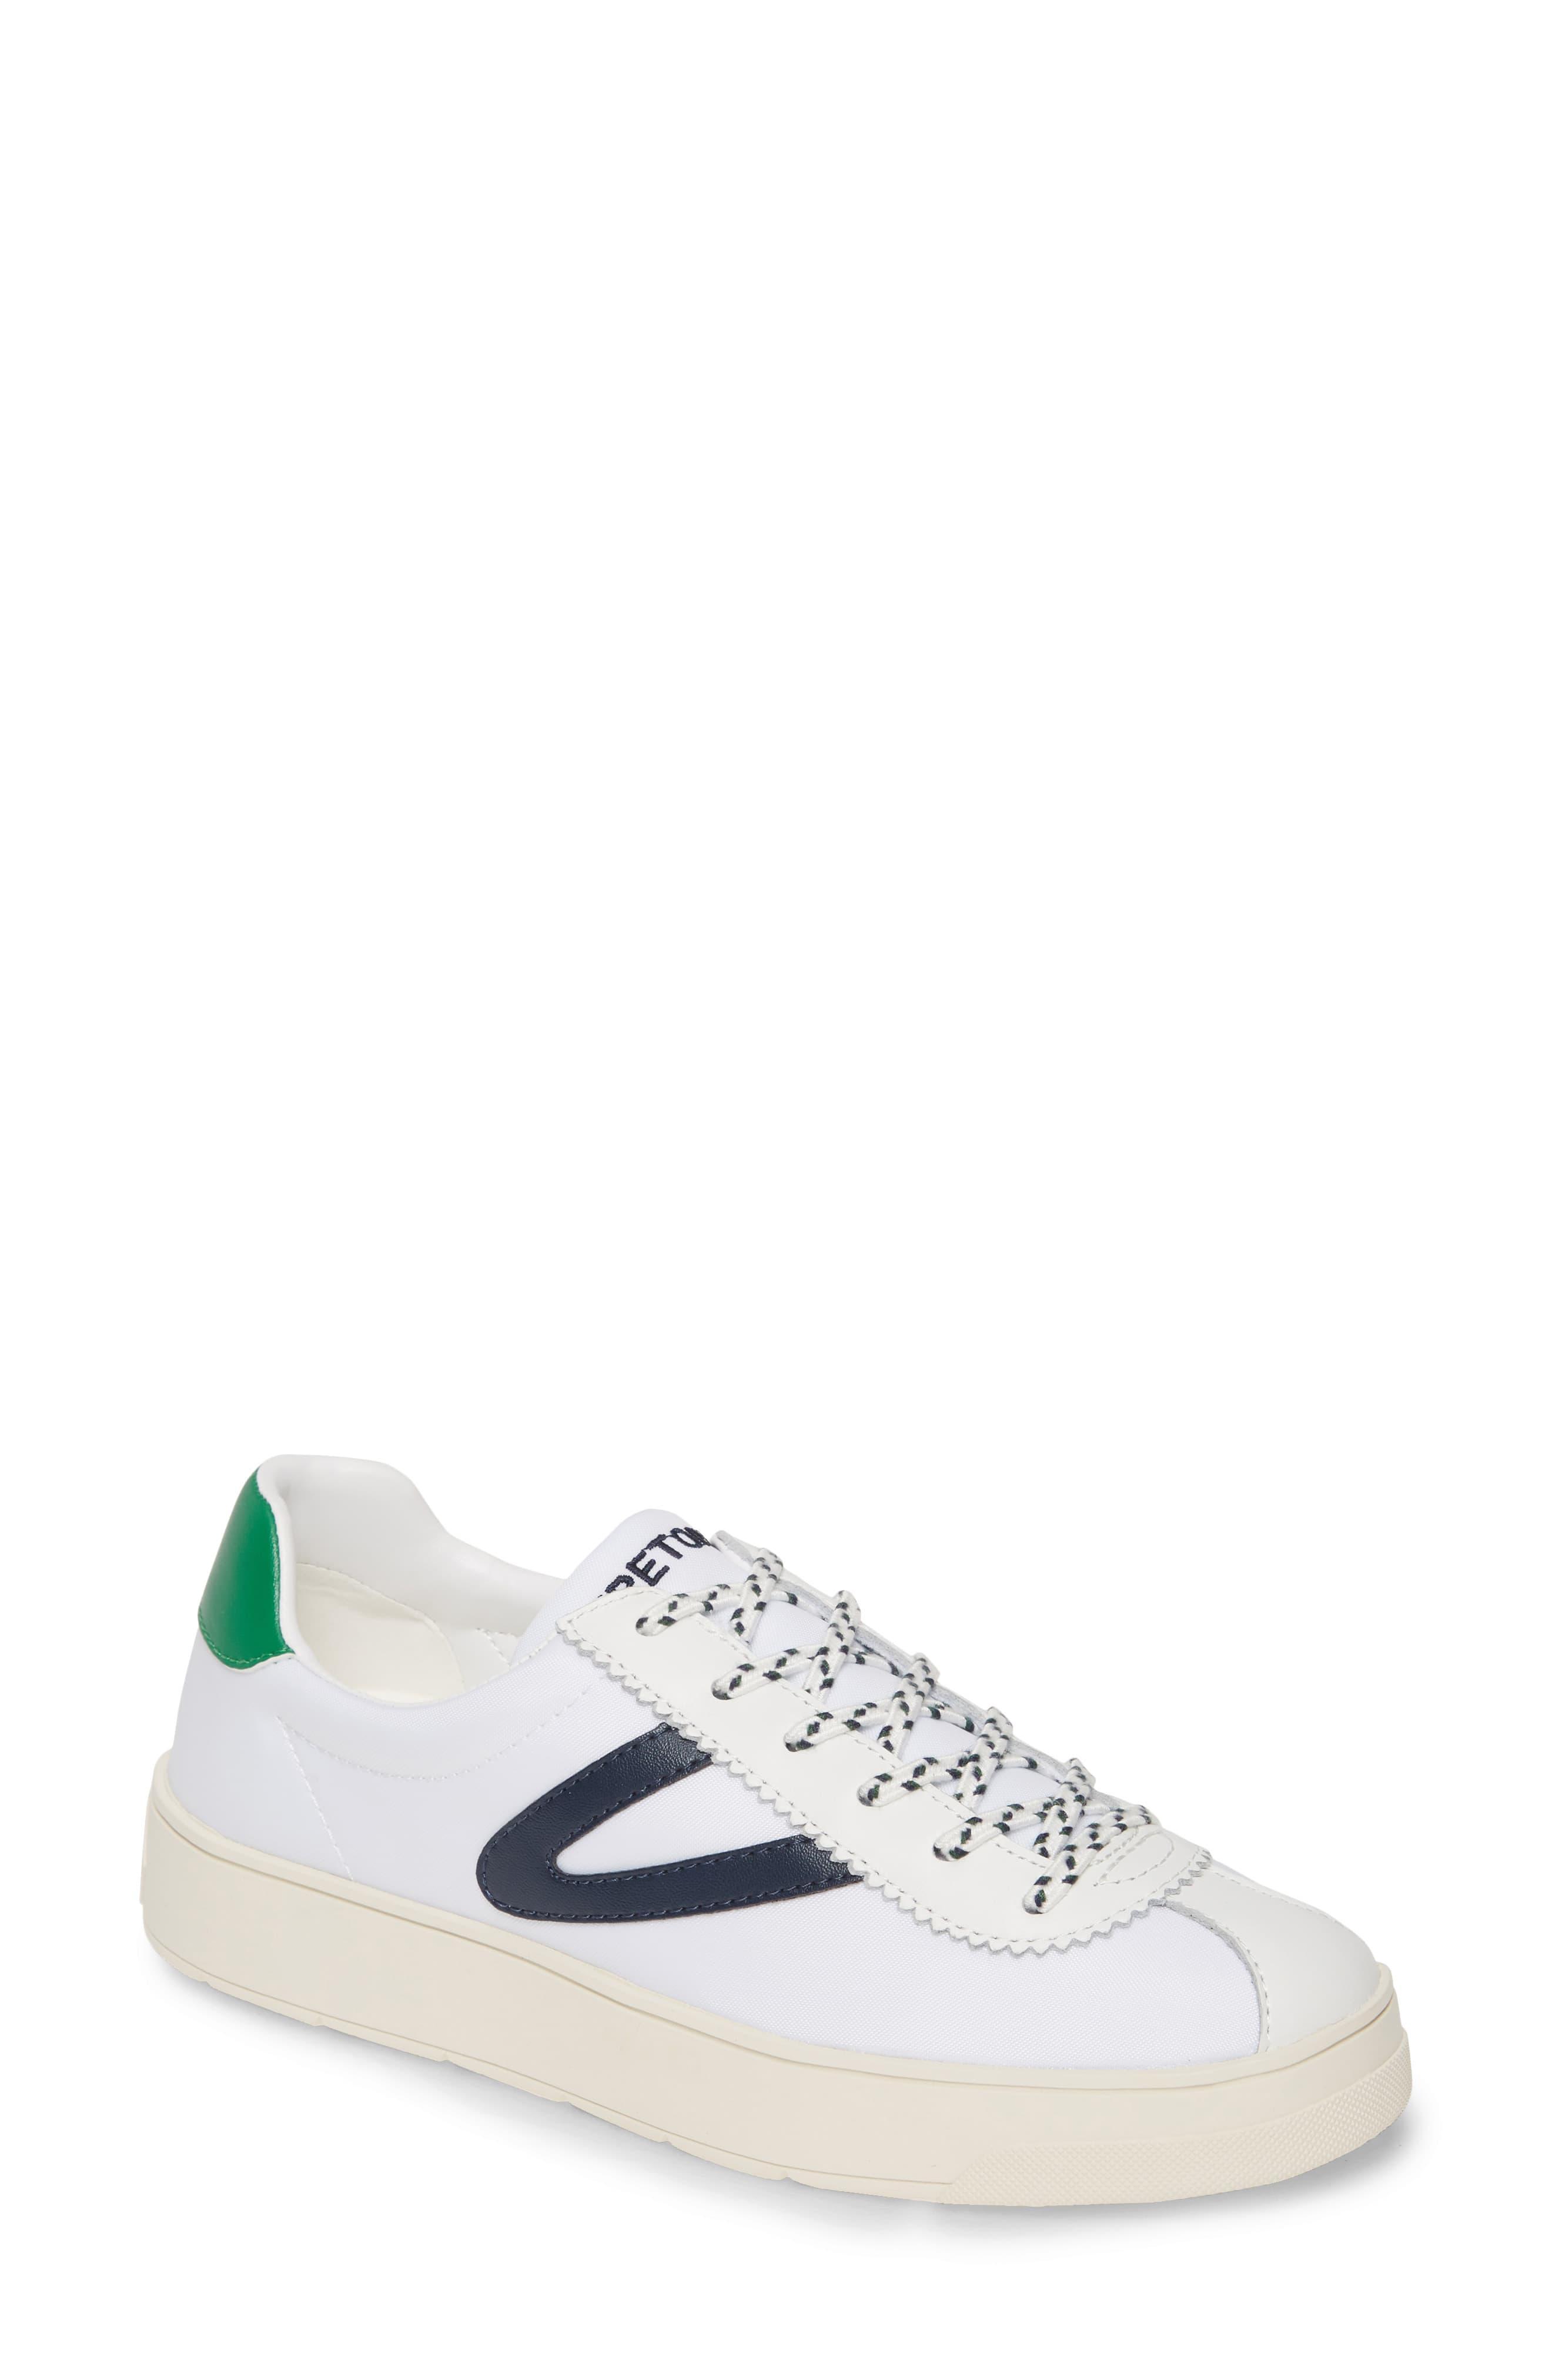 exklusiva erbjudanden 100% kvalitet Det bästa Tretorn Canvas Hayden Low Top Sneaker in Vintage White/Night/Green ...